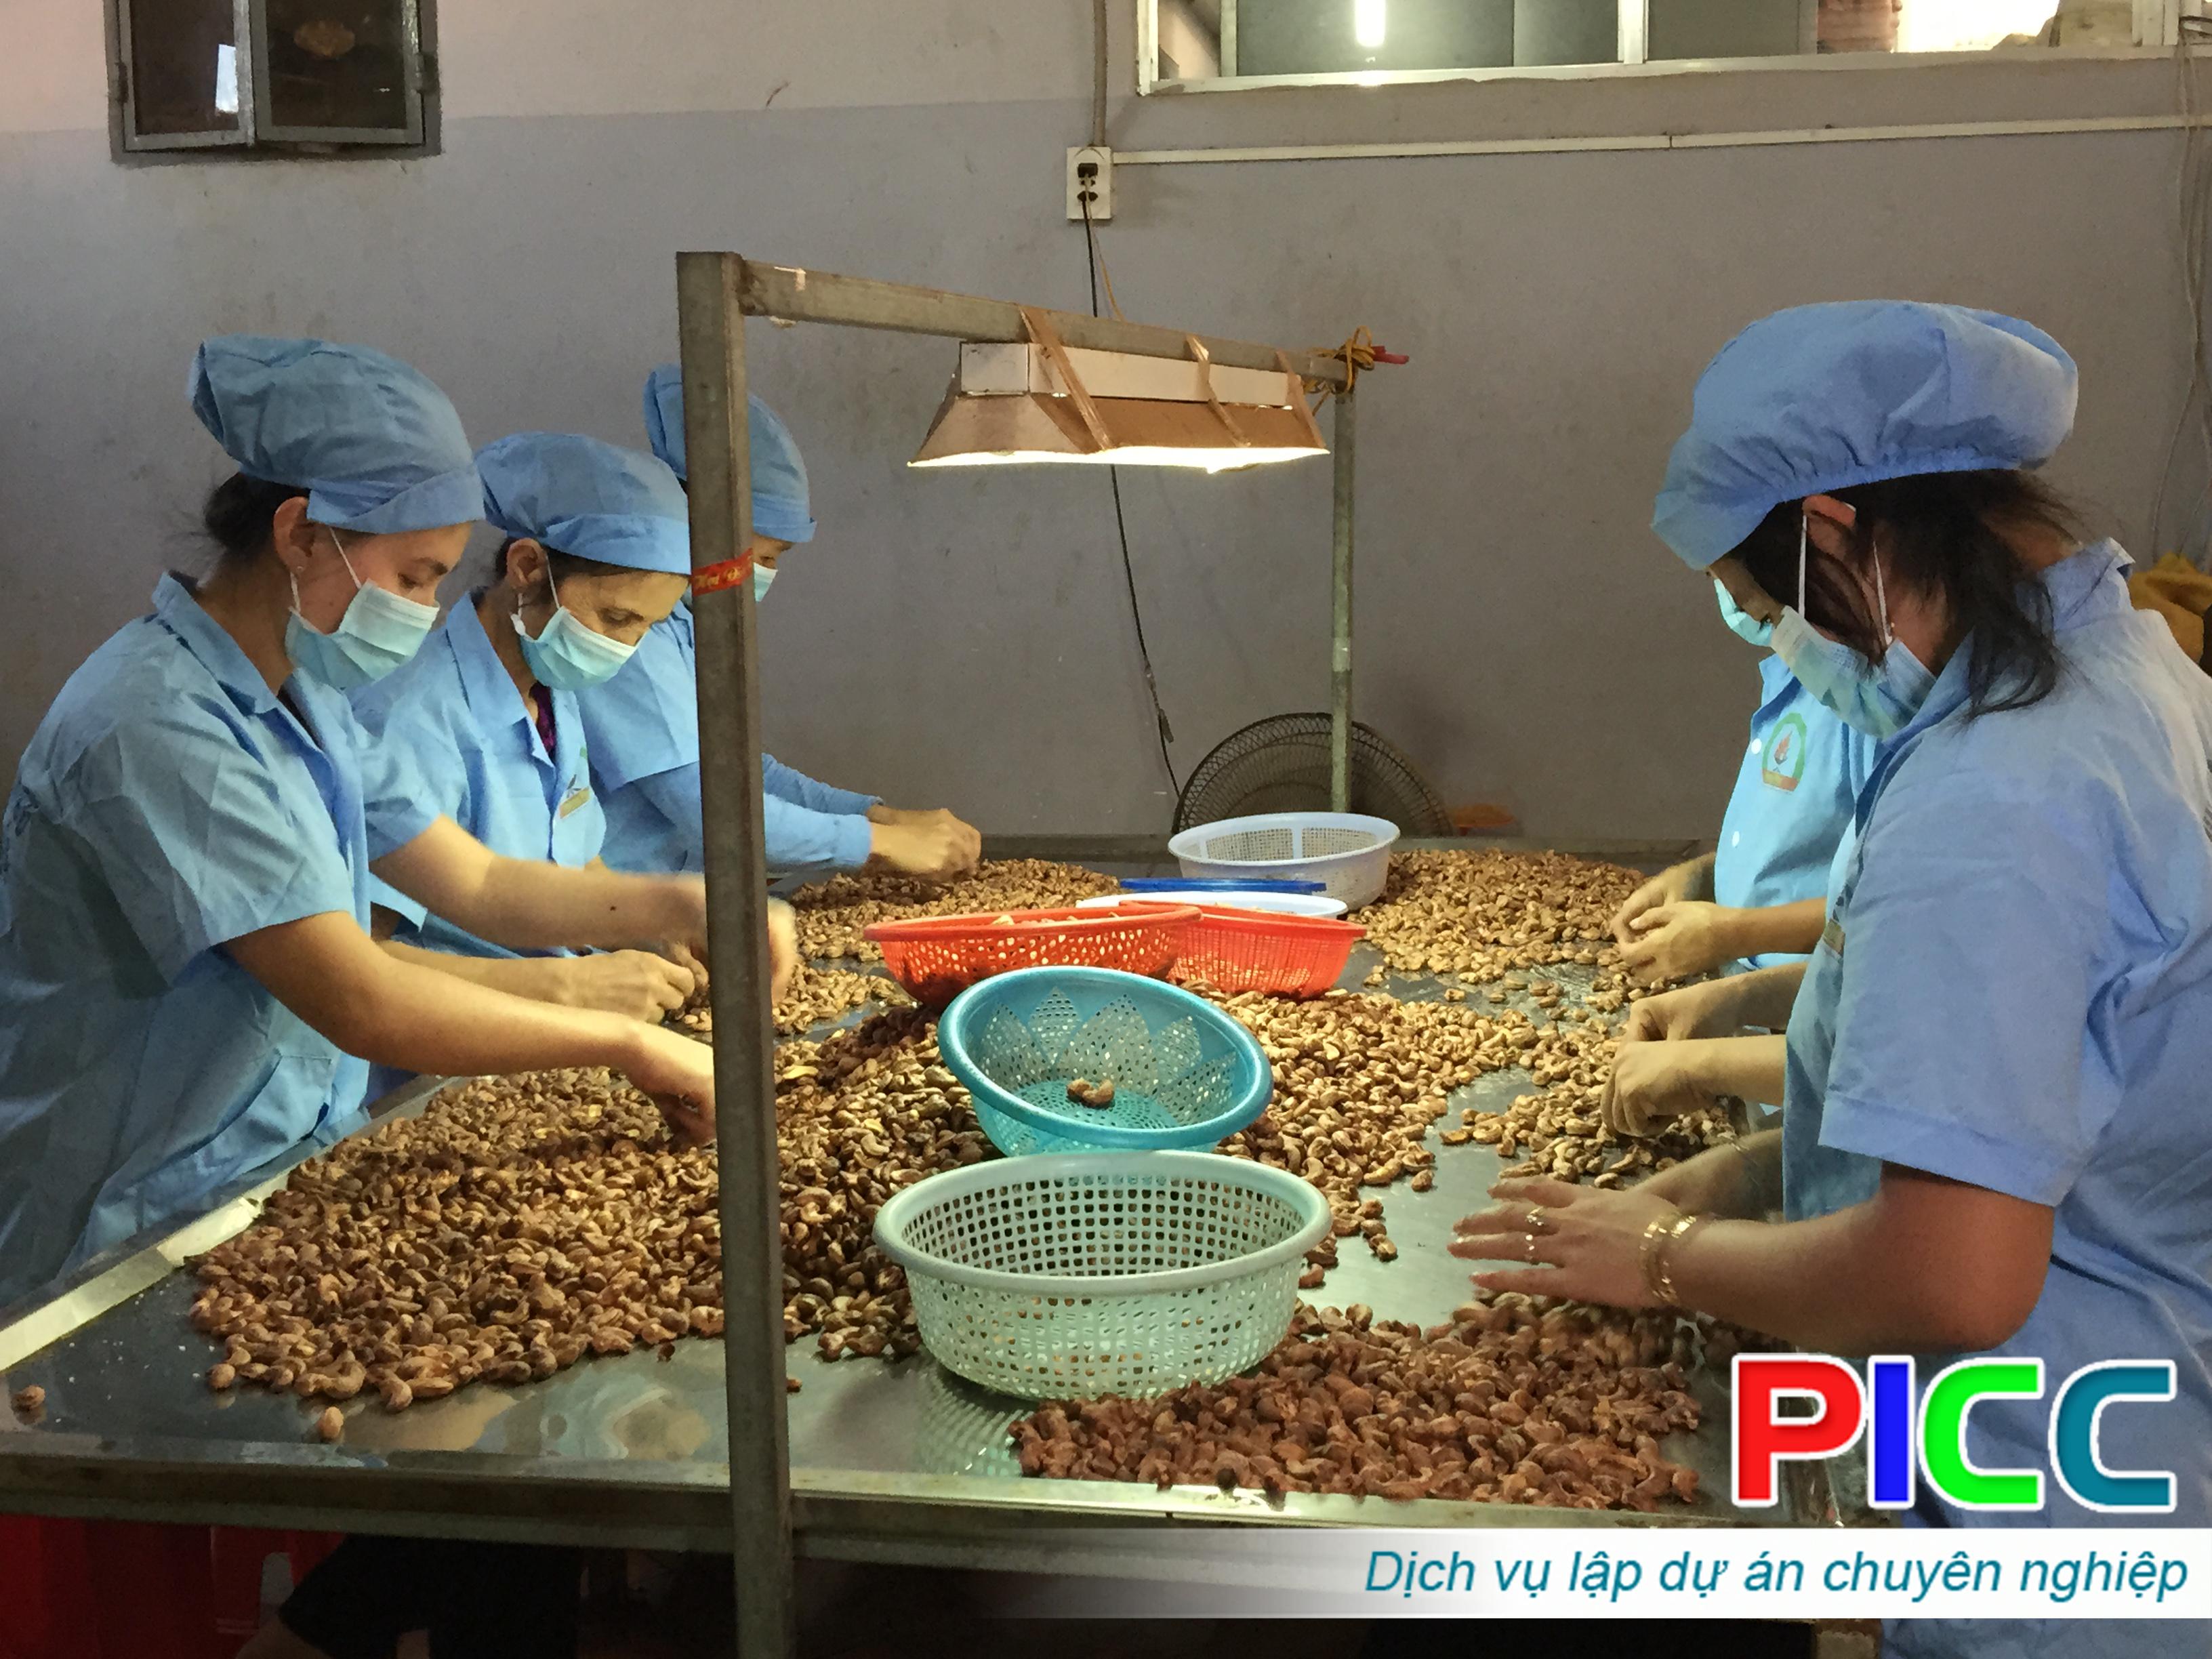 Quy hoạch ngành công nghiệp chế biến điều tỉnh Bình Phước đến năm 2025